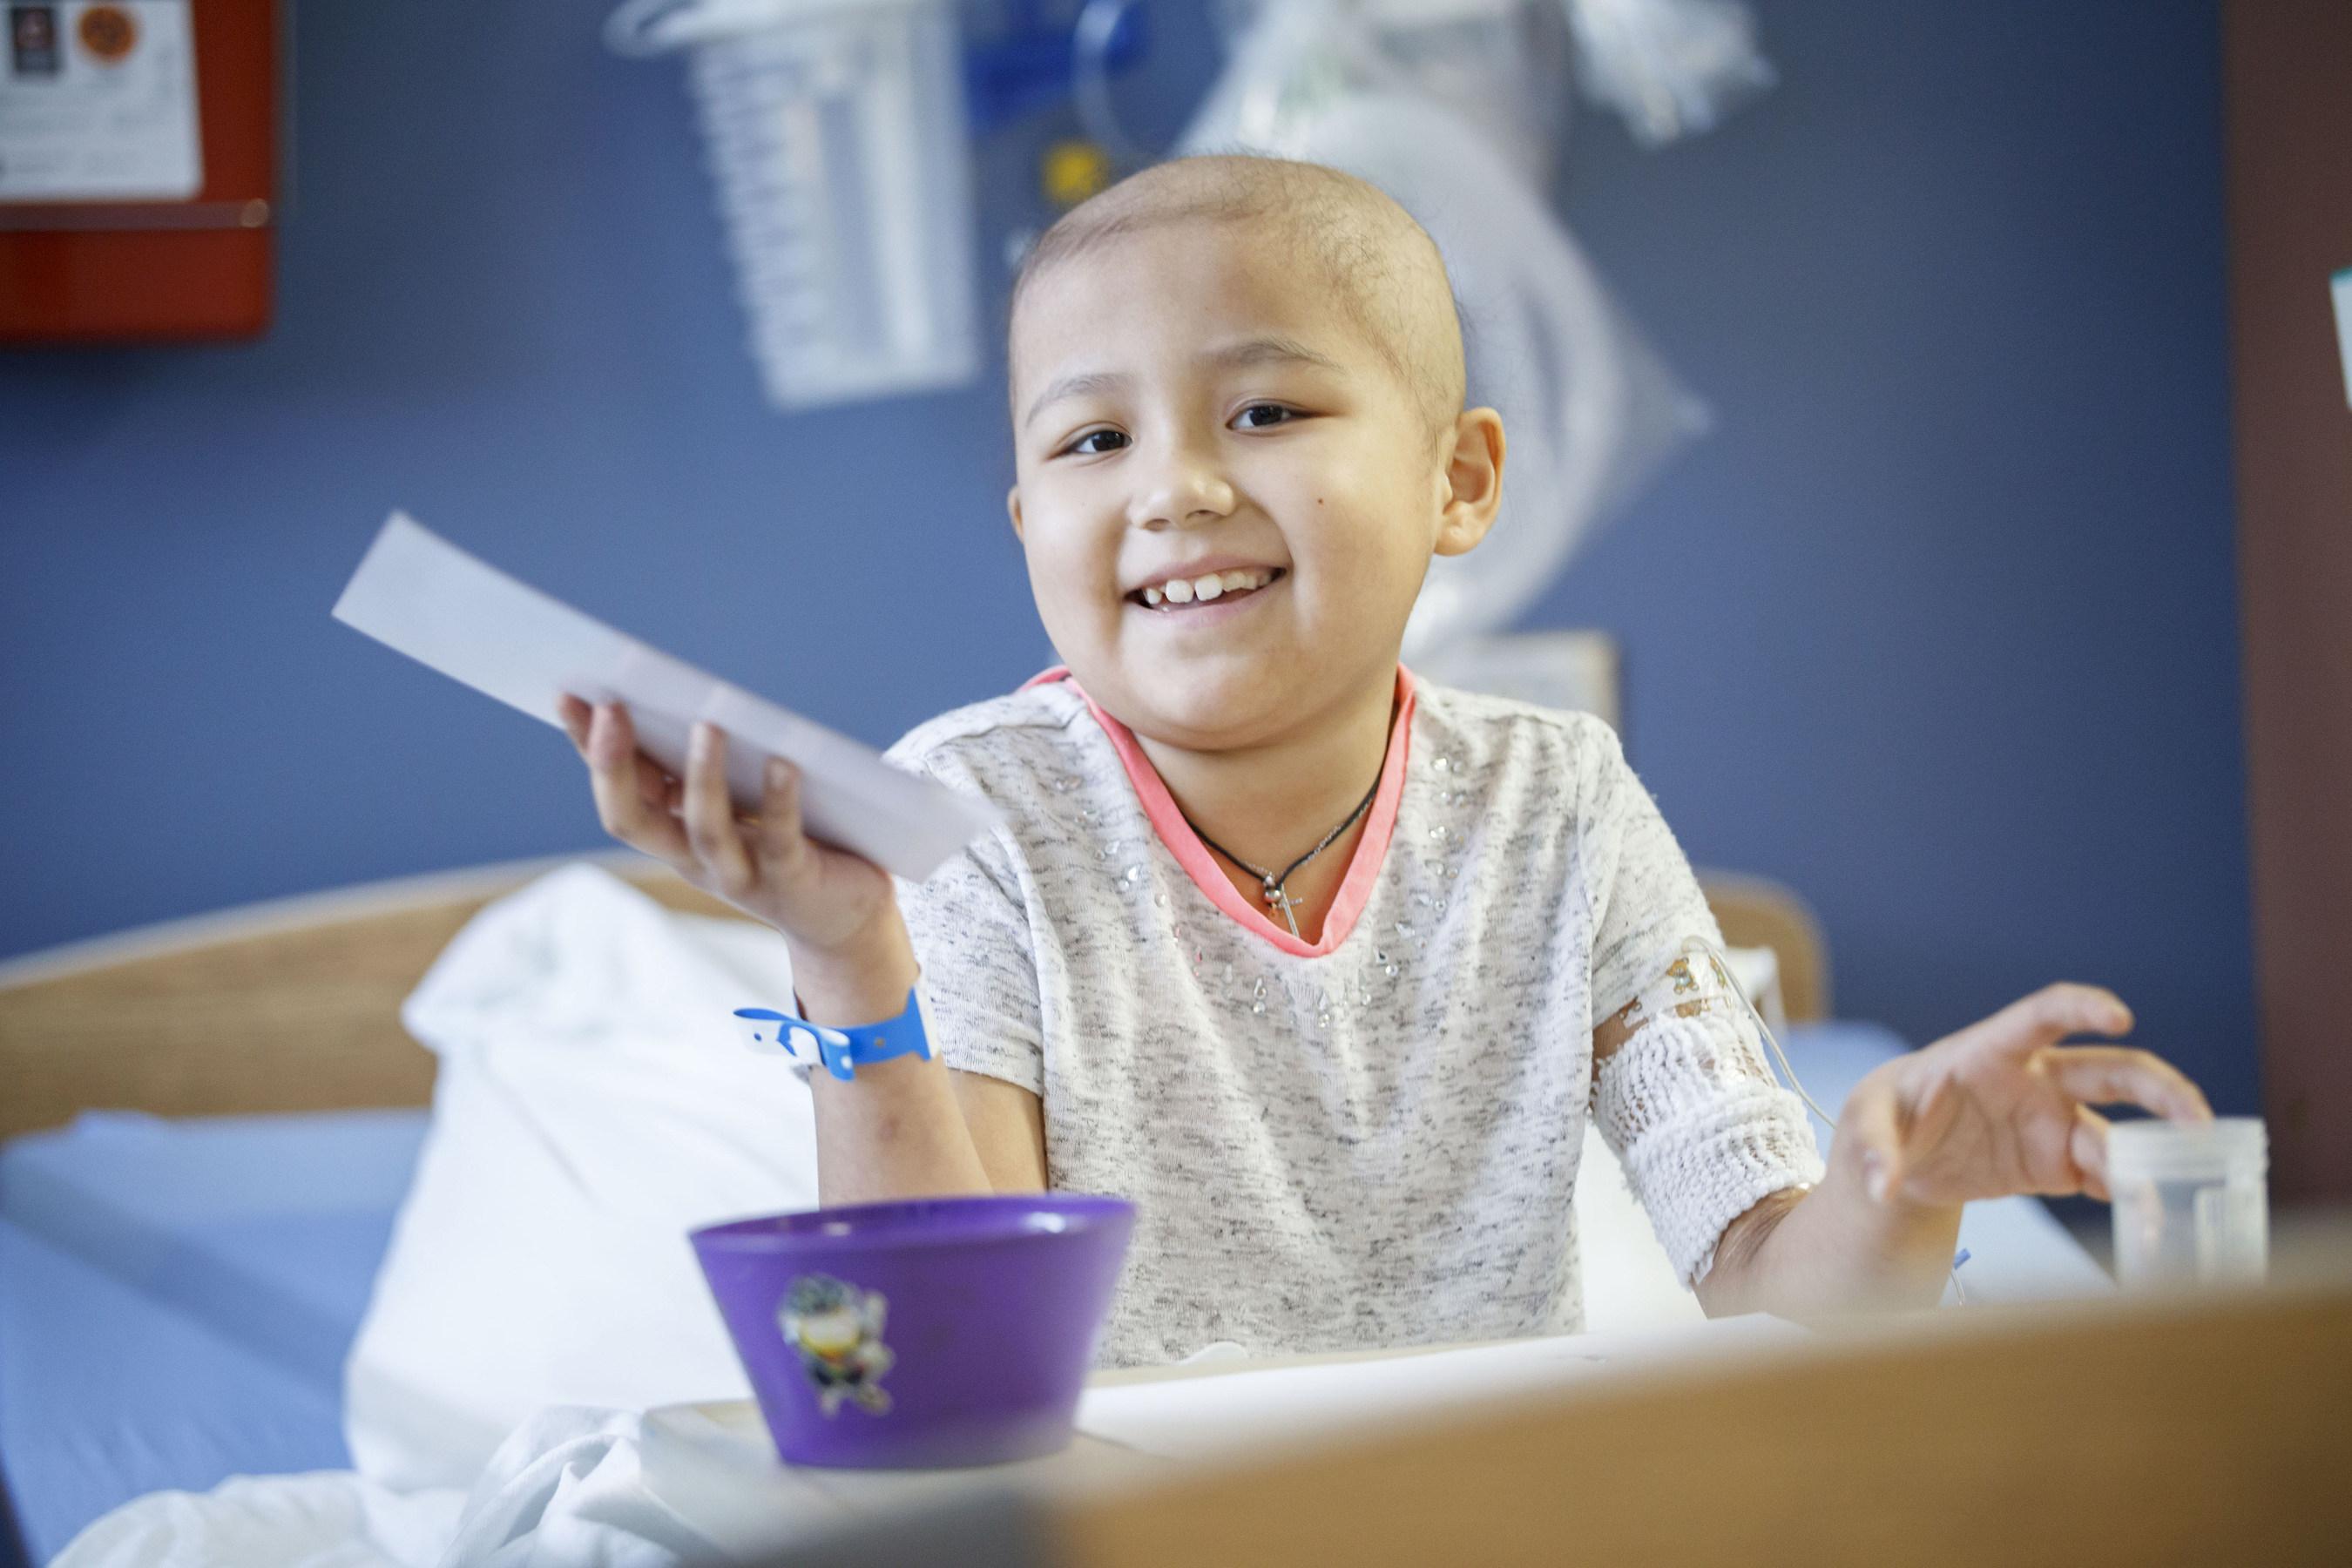 La rentrée scolaire des enfants atteints de cancer : un soutien est nécessaire